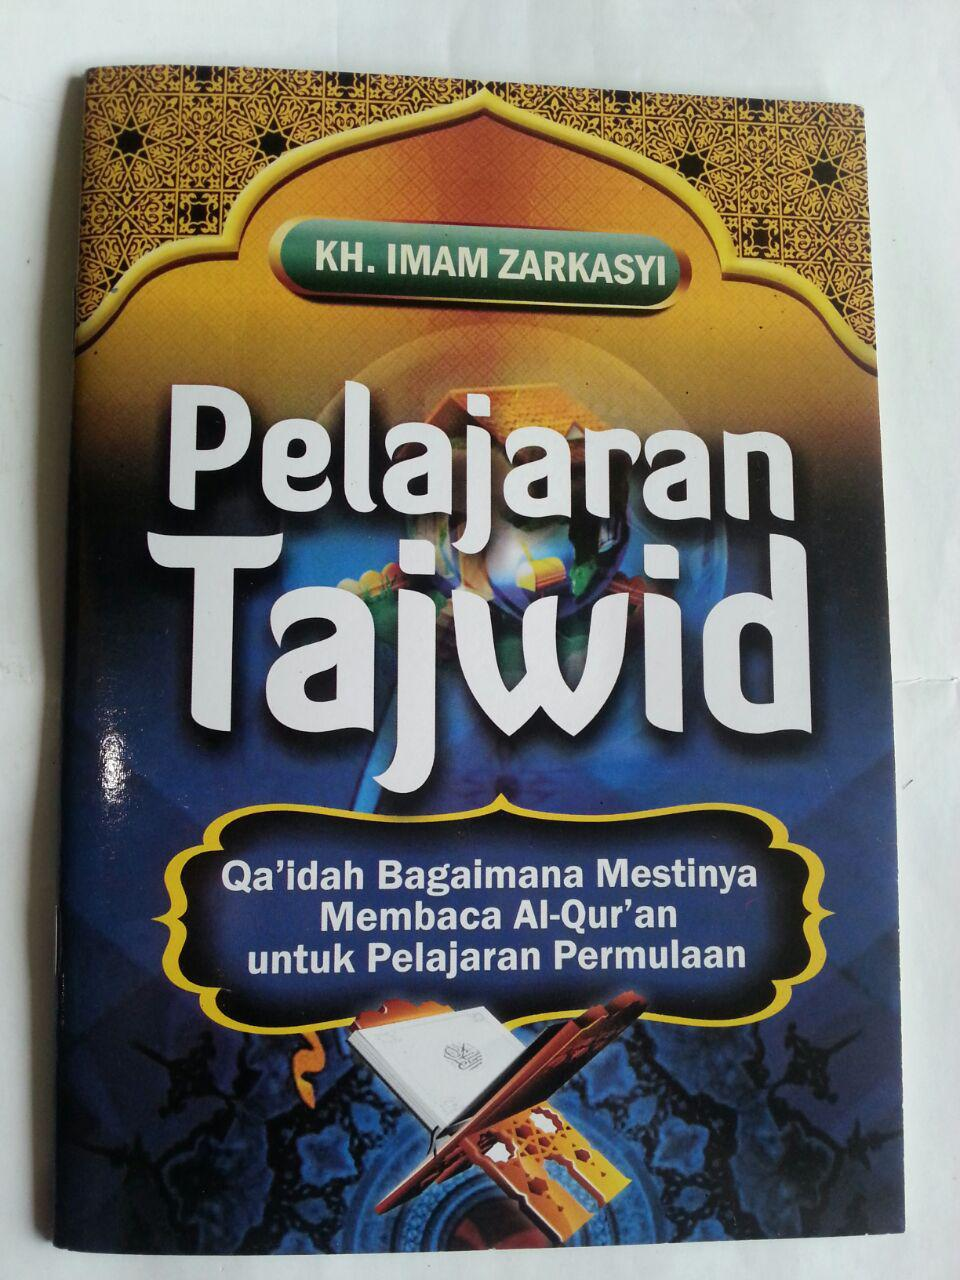 Buku Pelajaran Tajwid Qaidah Bagaimana Membaca Al-Quran cover 2